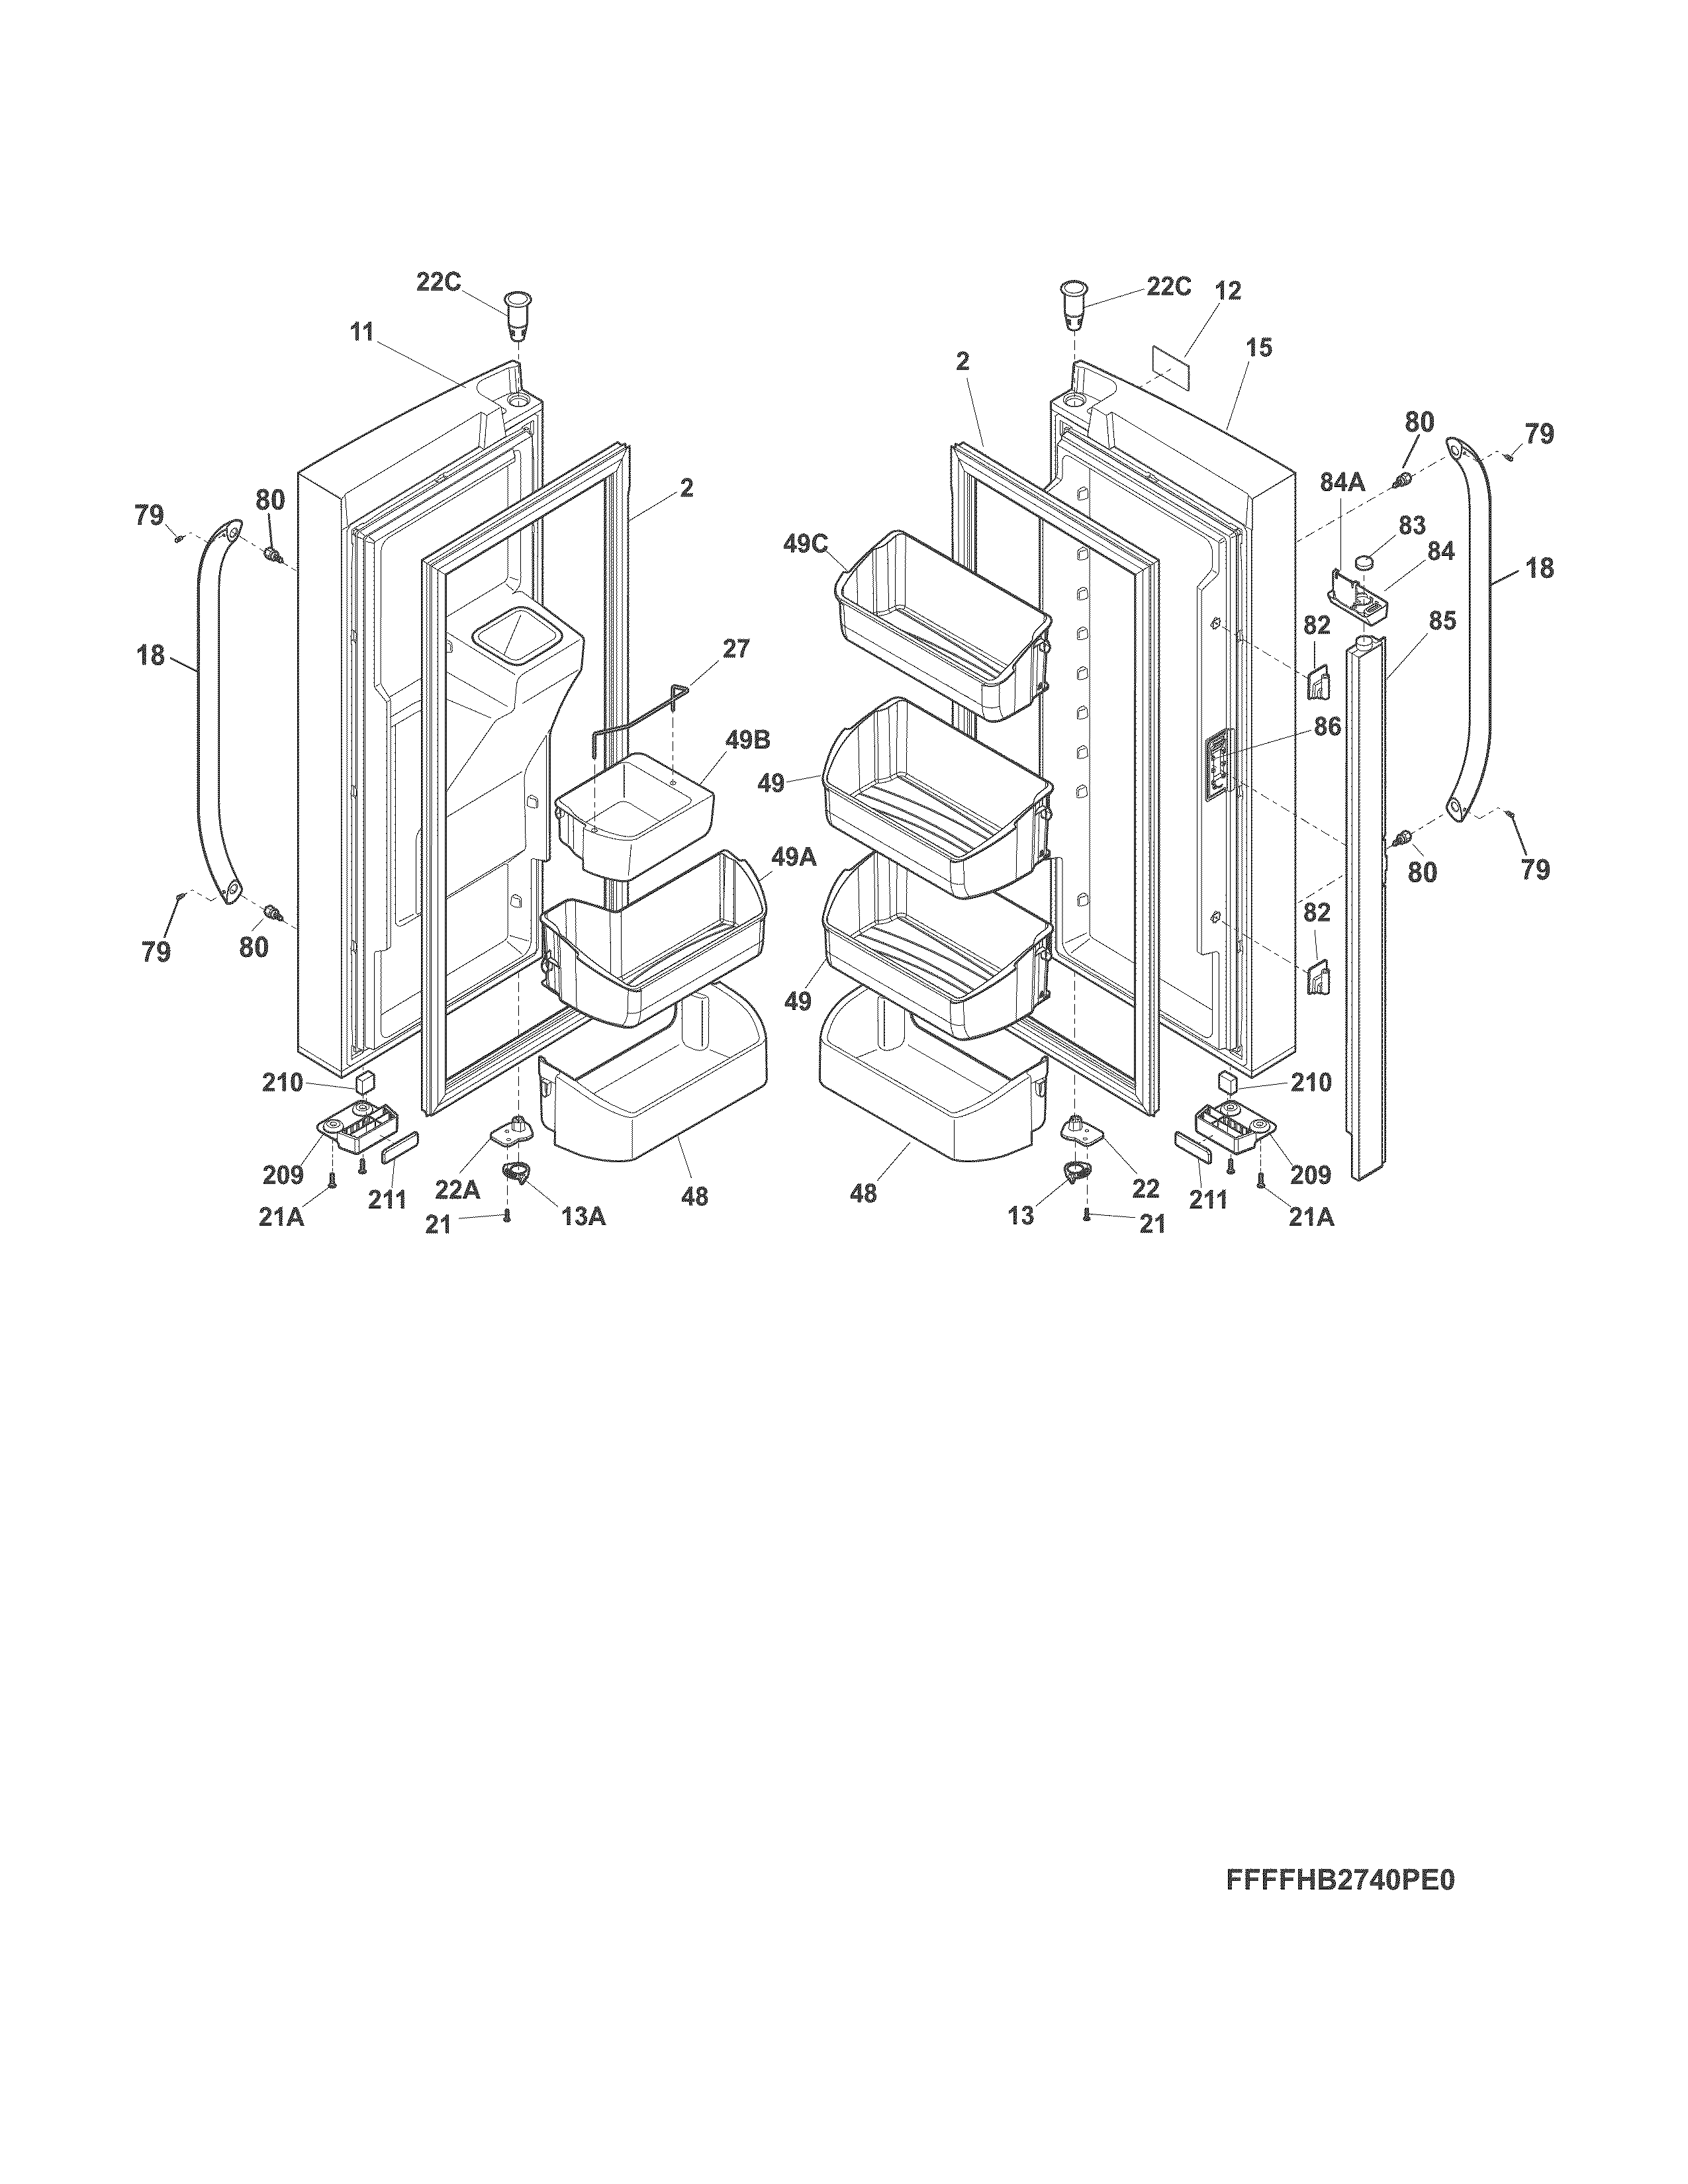 frigidaire model lfhb2741pf8a bottom